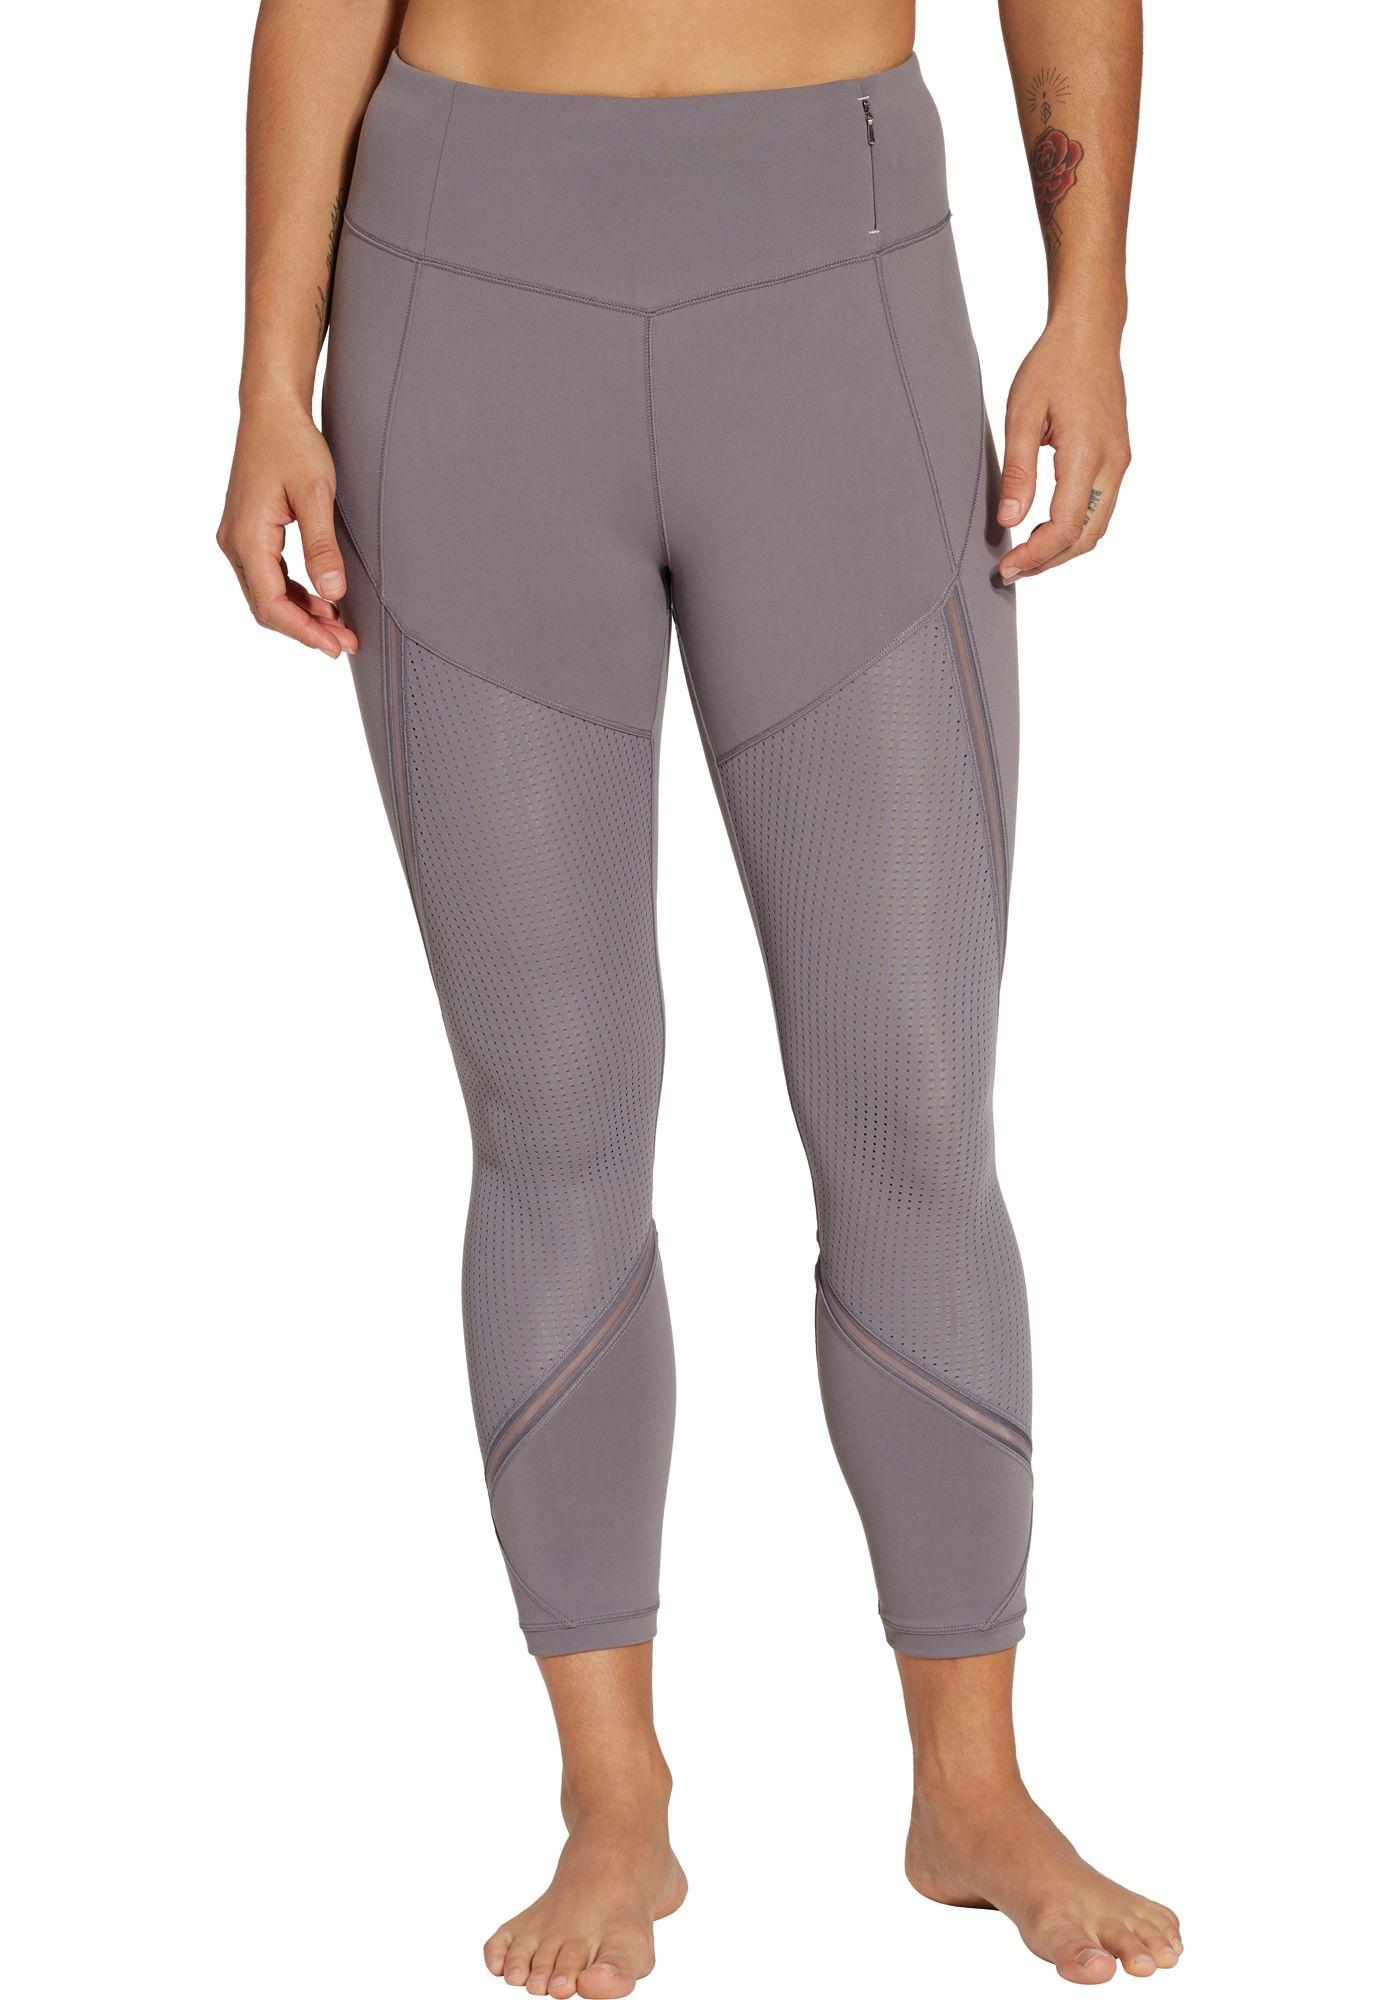 CALIA by Carrie Underwood Women's Essential Mesh 7/8 Leggings